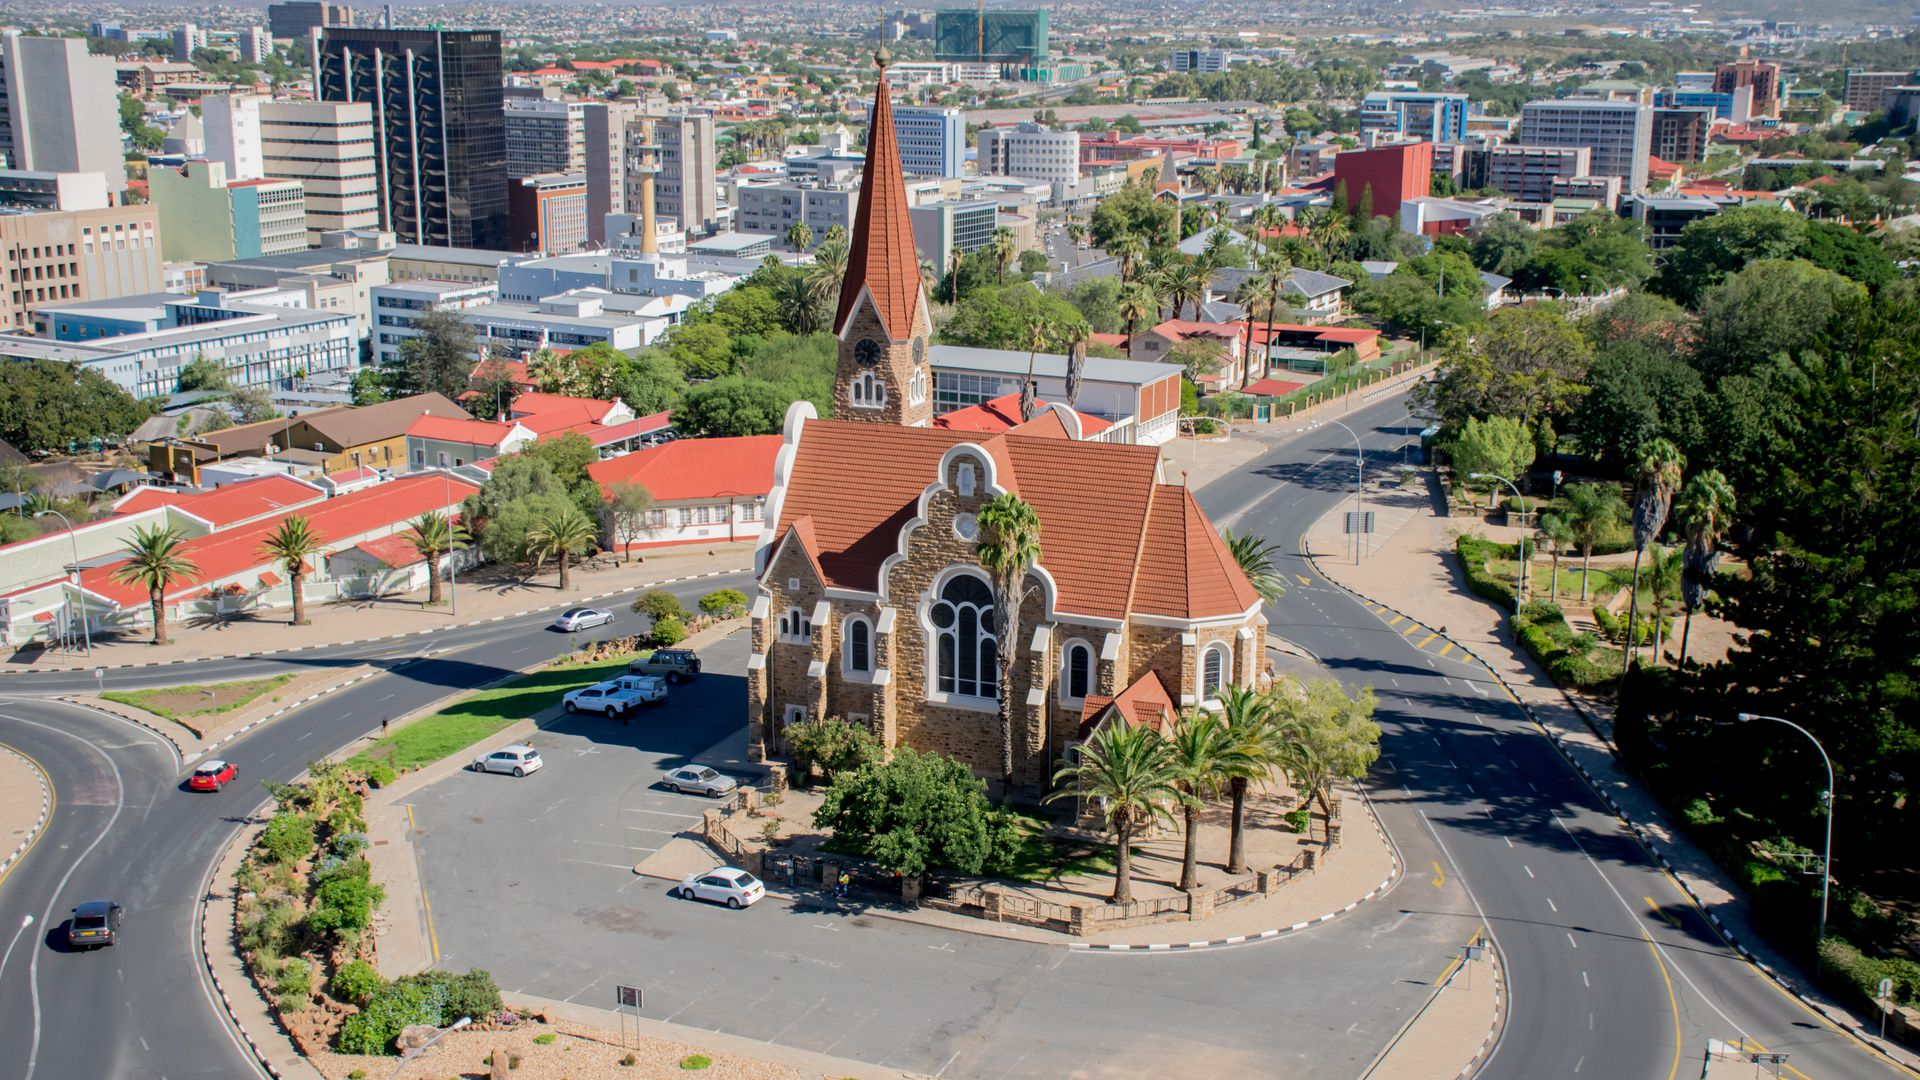 Mietwagen Windhoek